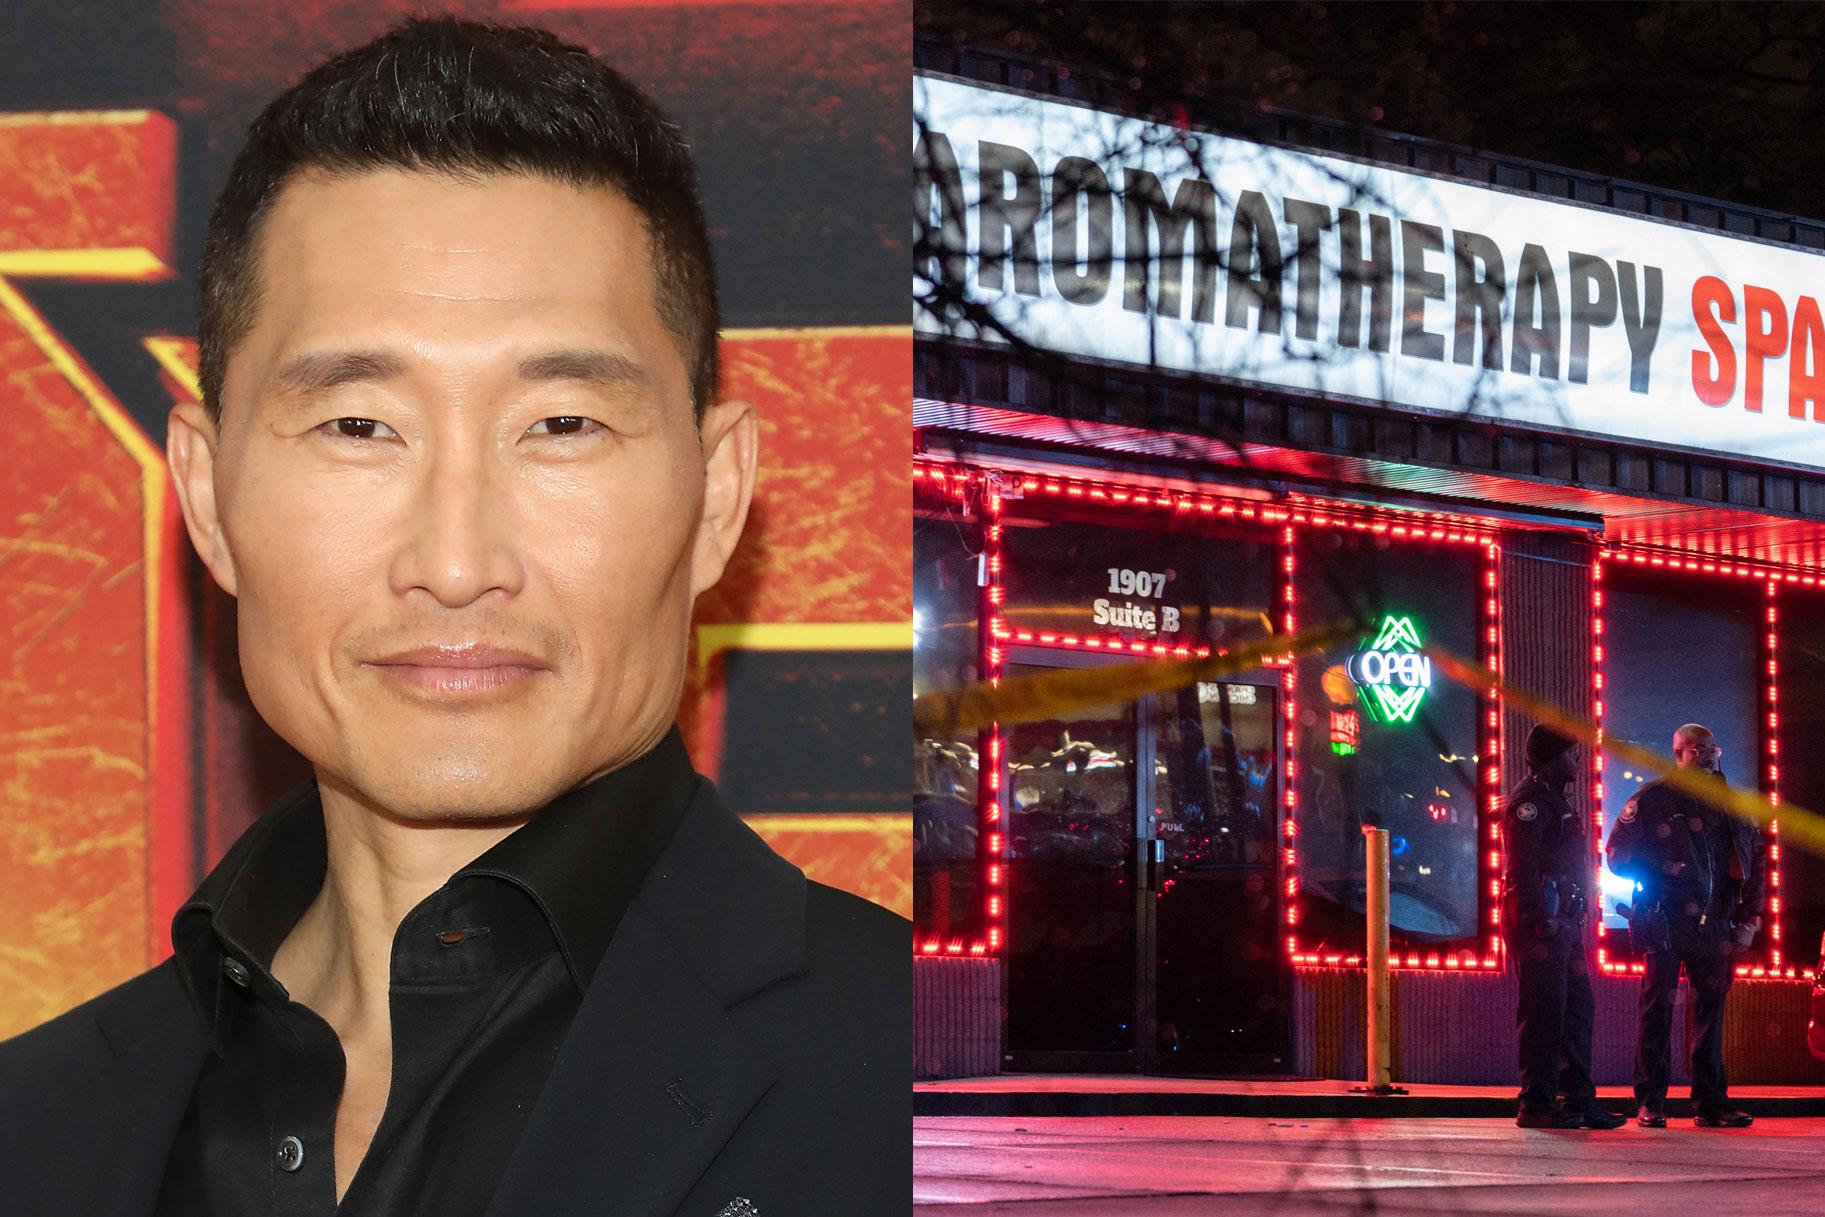 'La situación ha empeorado': el actor Daniel Dae Kim habla ante el Congreso sobre la violencia contra los asiáticos